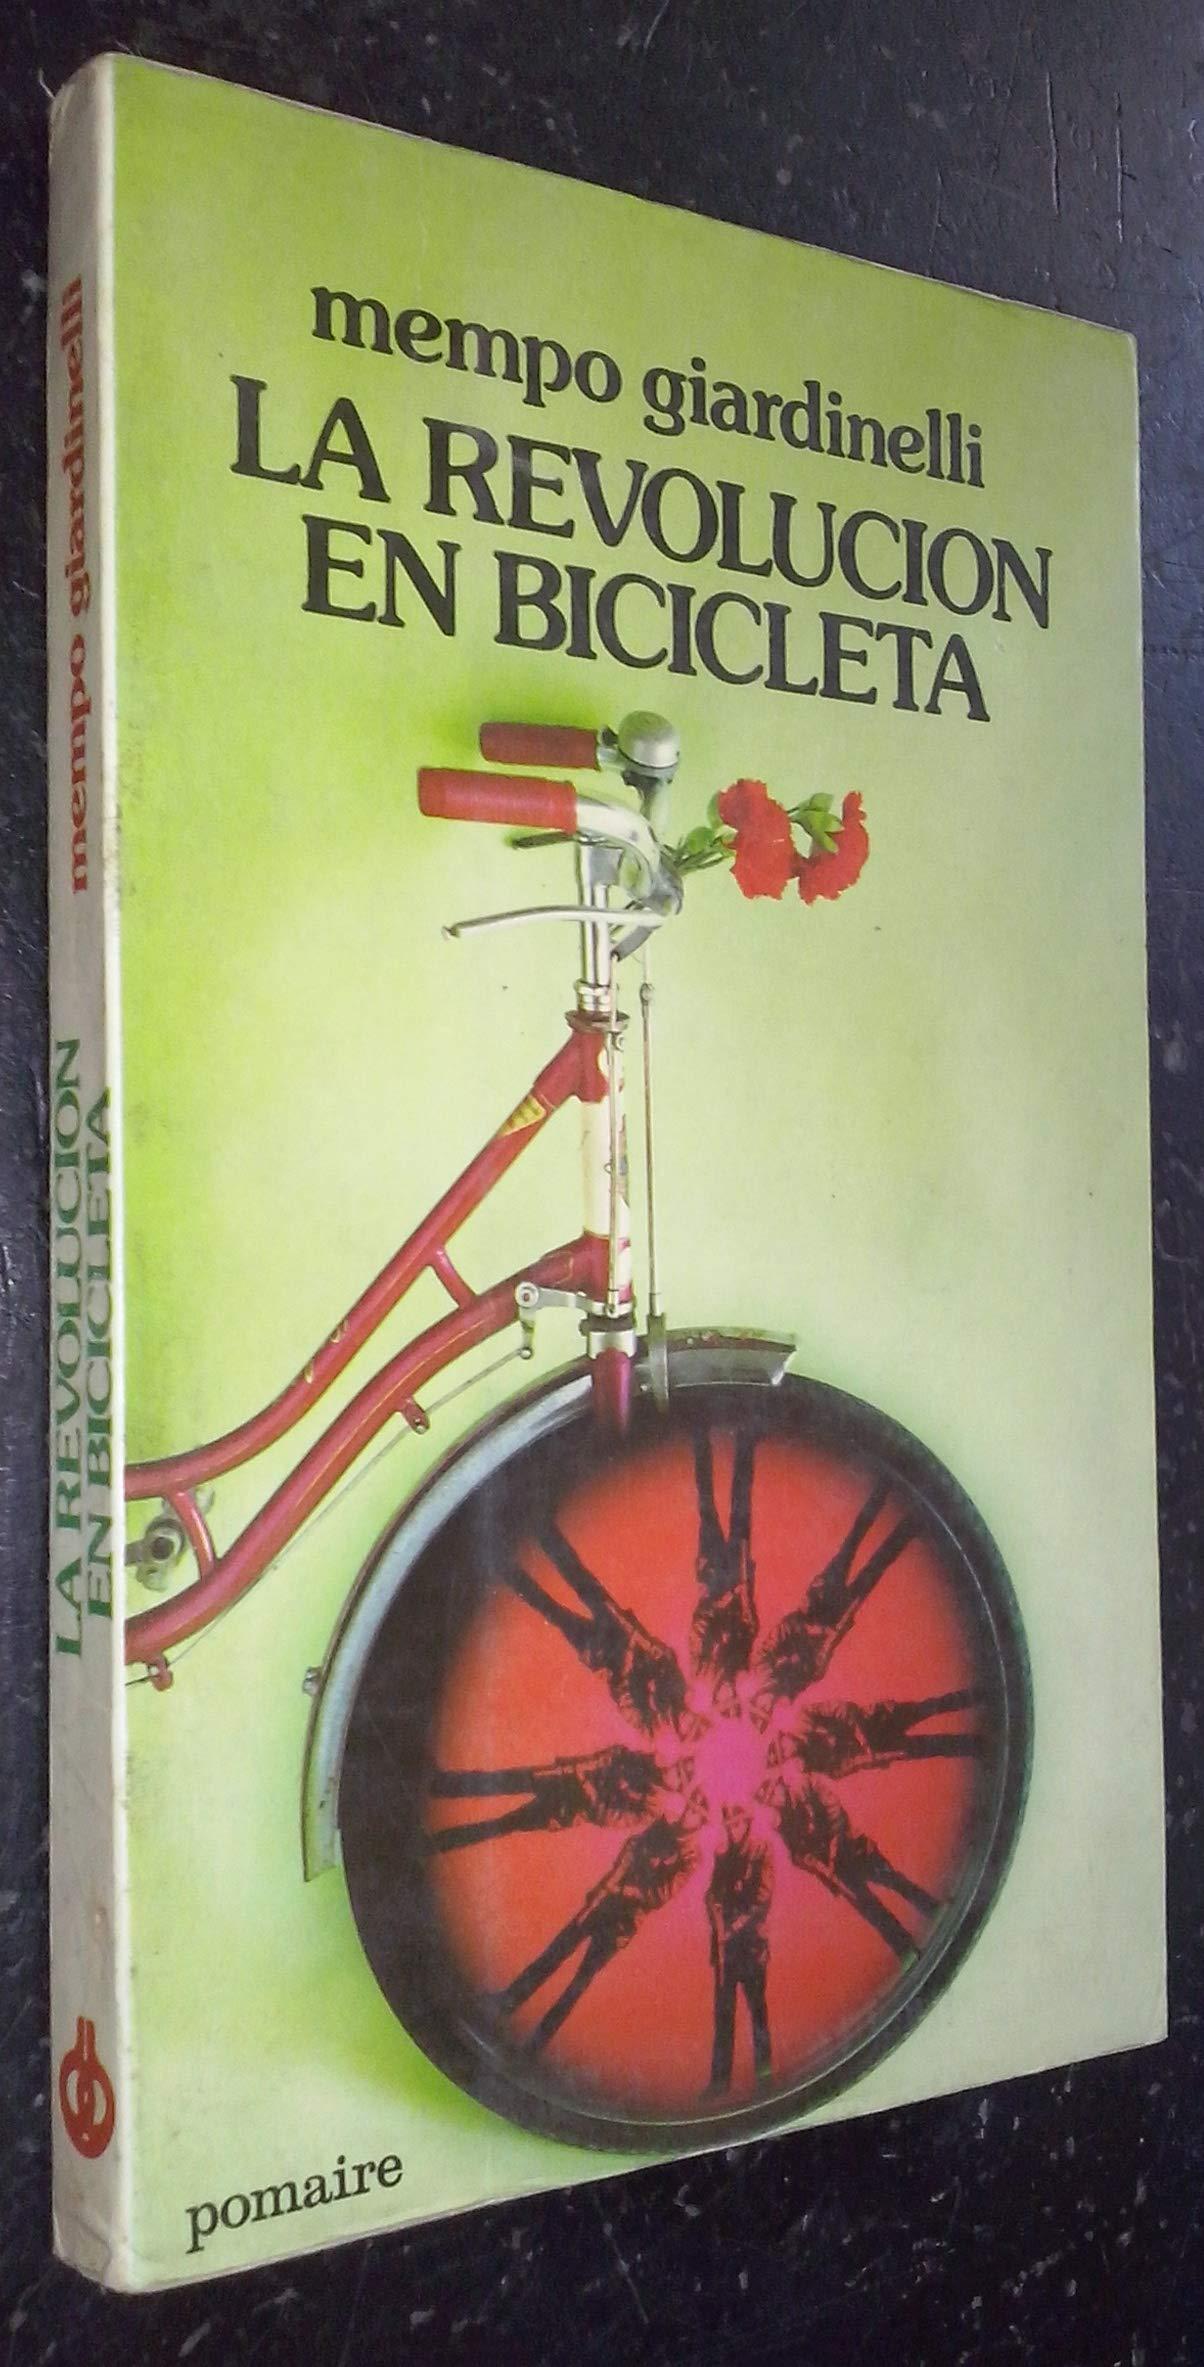 Revolucion en bicicleta, la: Amazon.es: Giardinelli, Mempo: Libros